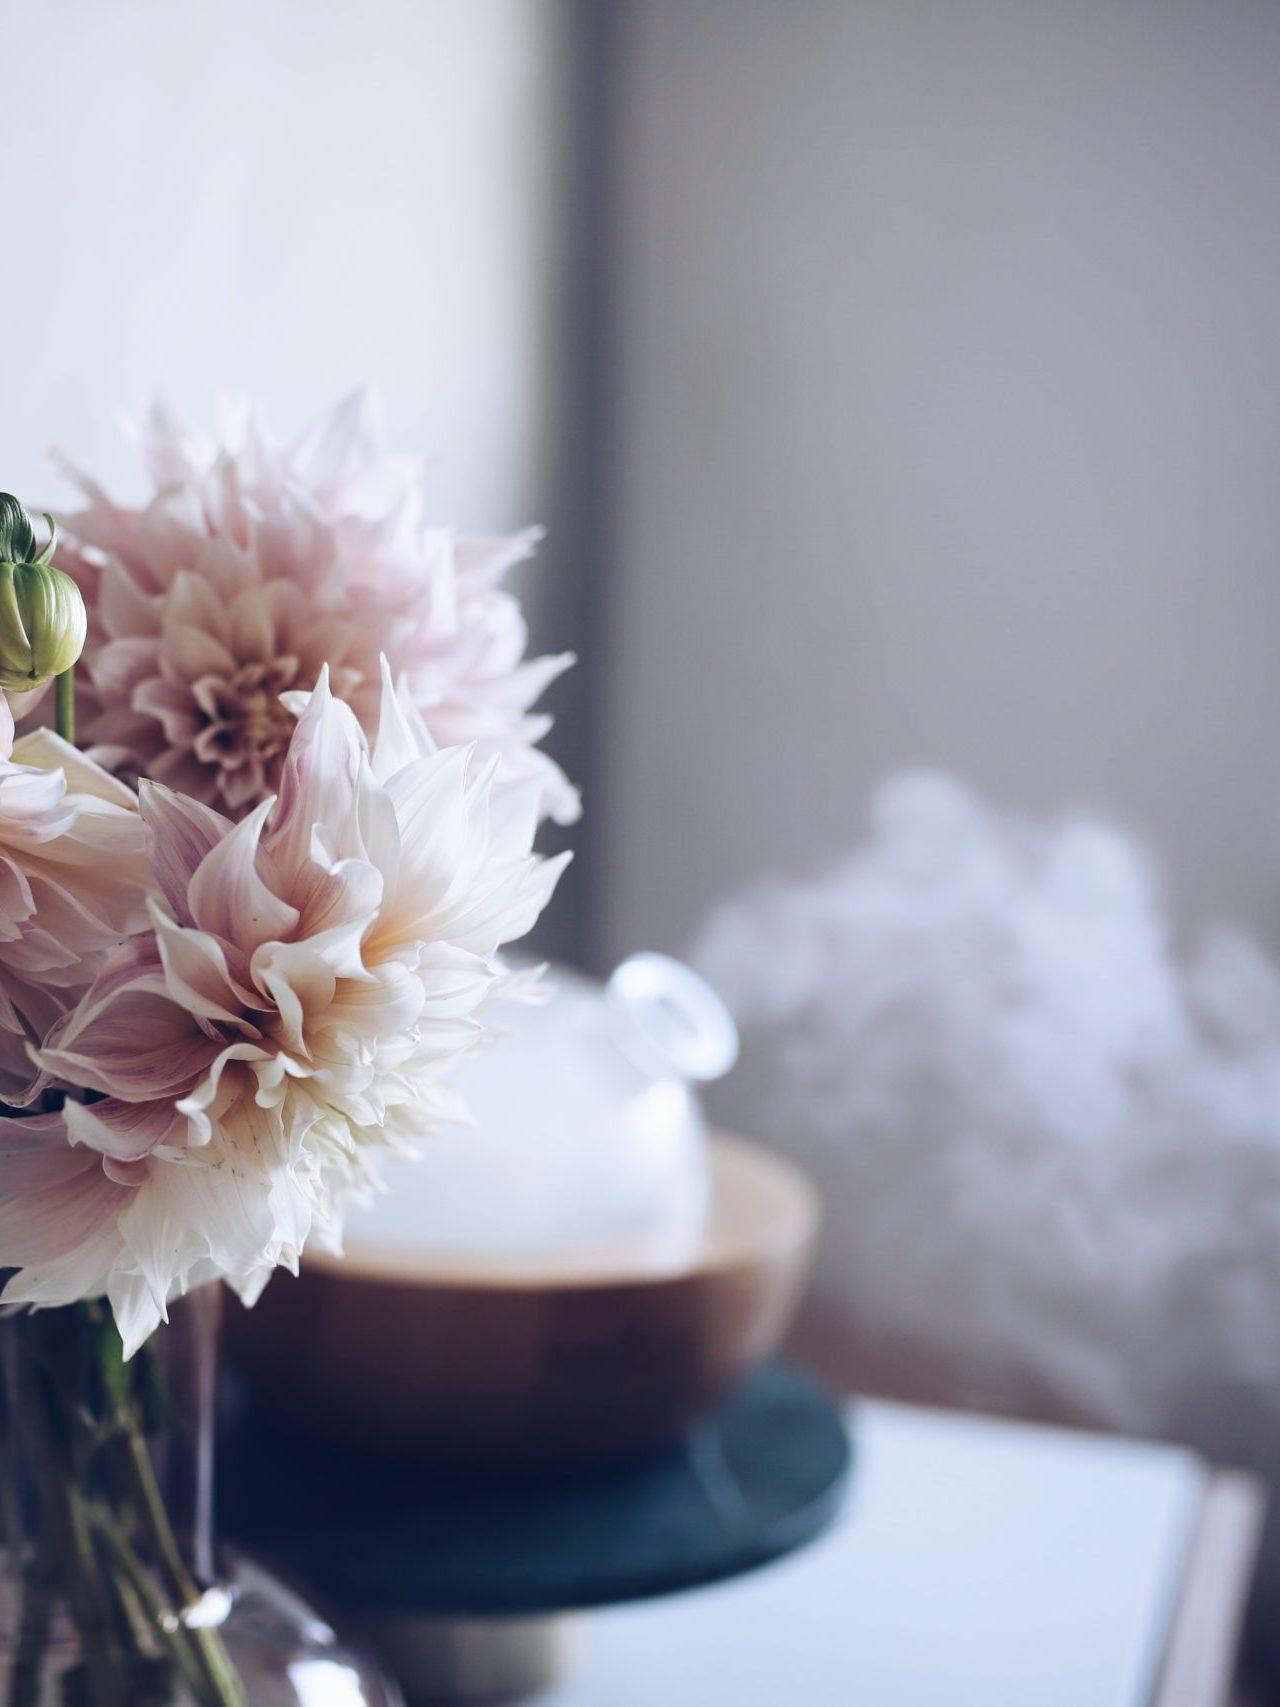 Cvijeće u vazi u pozadini Aria difuzor